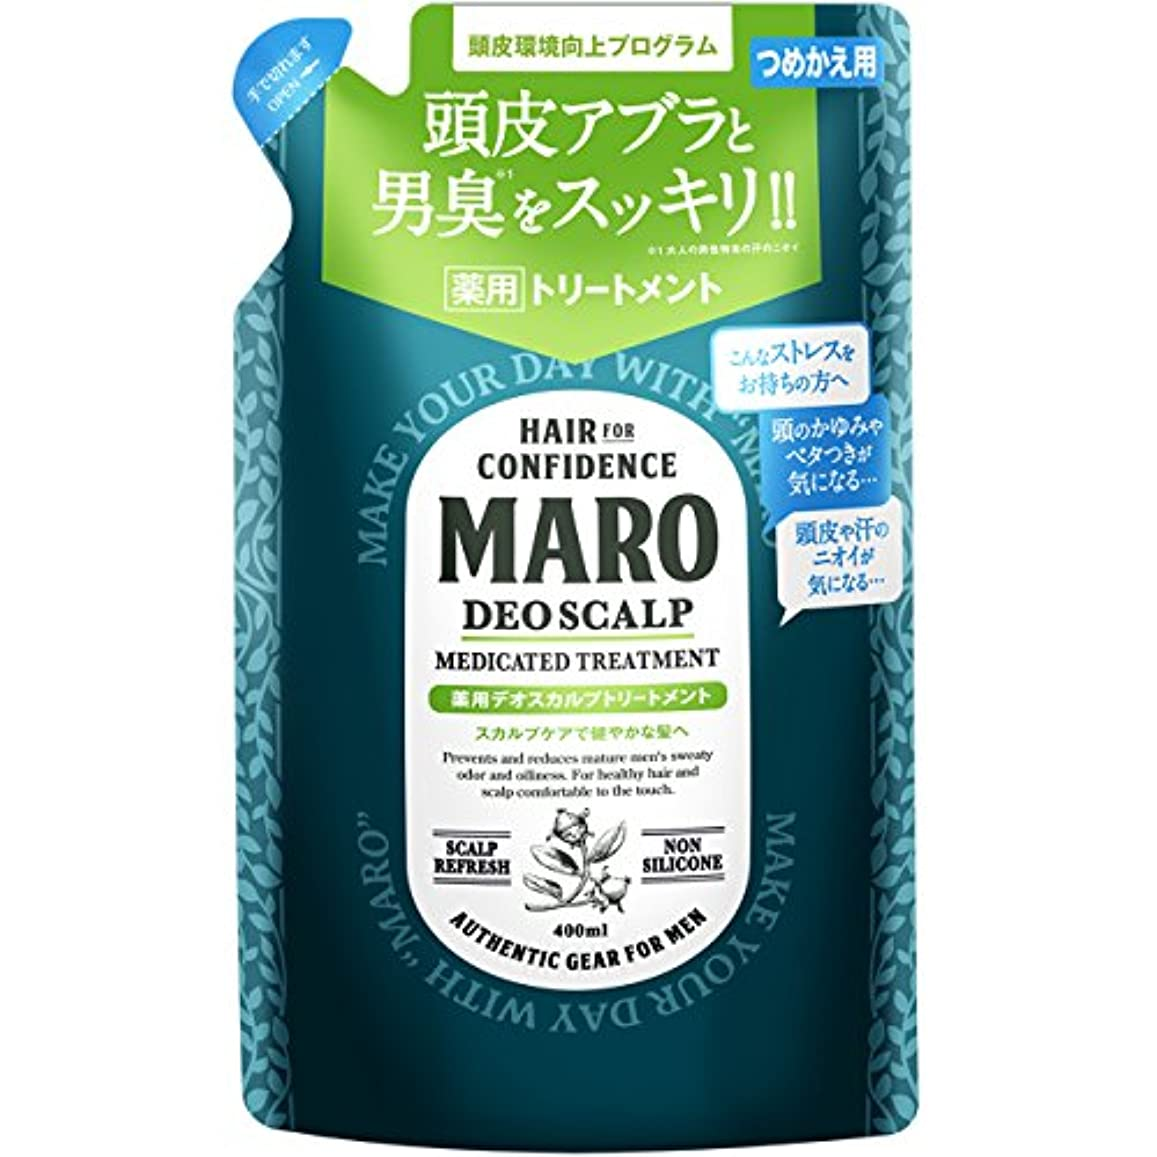 クラッチ然とした配管MARO 薬用 デオスカルプ トリートメント 詰め替え 400ml 【医薬部外品】